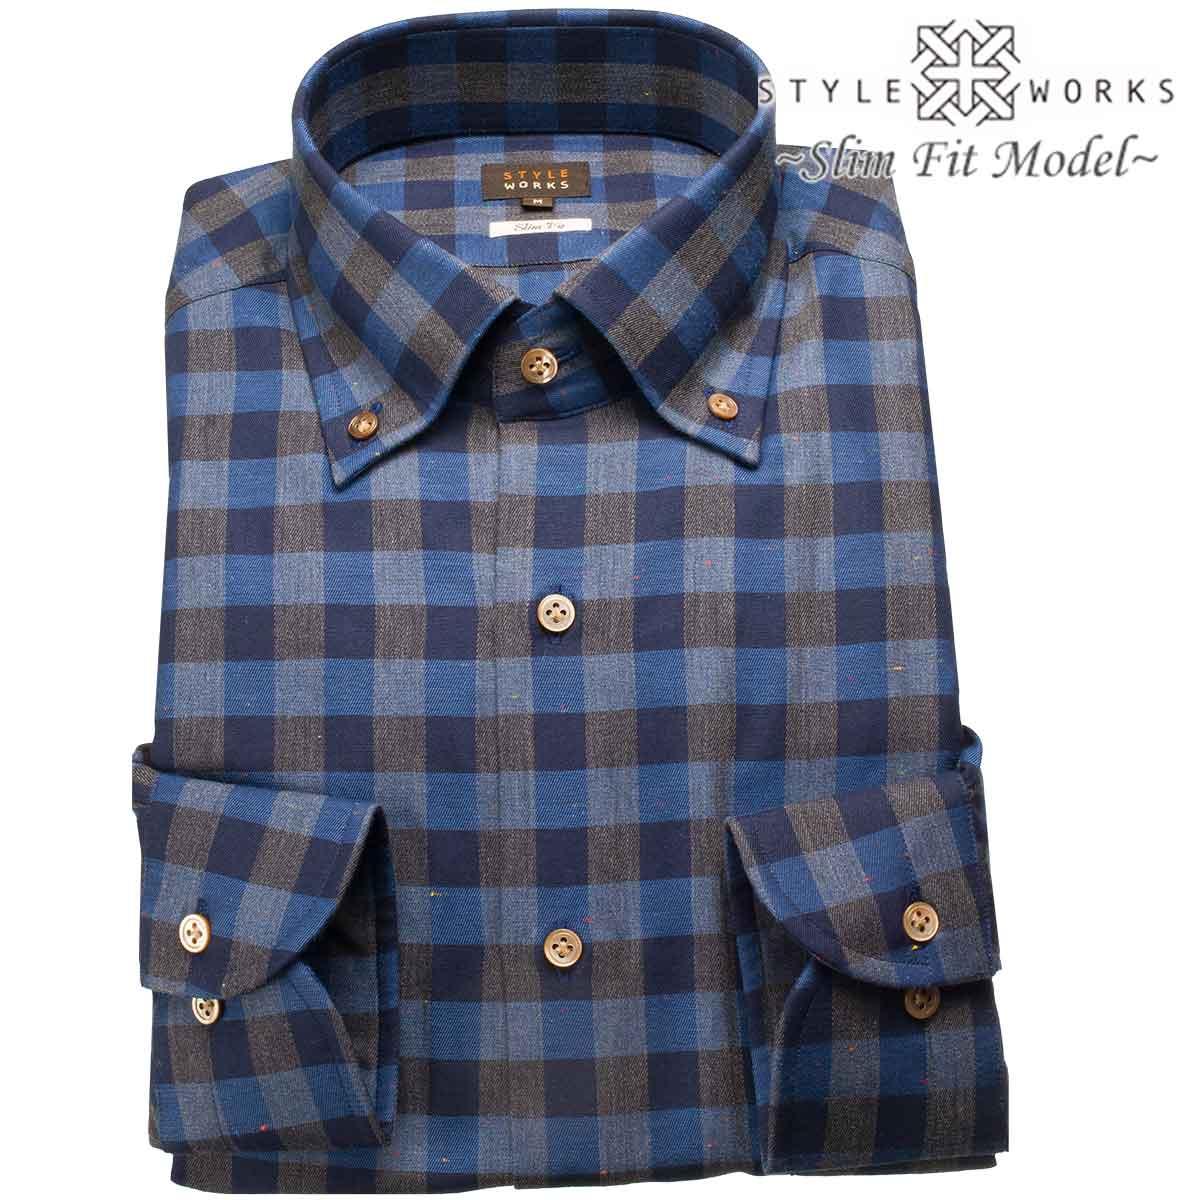 ドレスシャツ ワイシャツ シャツ メンズ 国産 長袖 スリムフィット 長袖 GIZA88 ボタンダウン ブロックチェック ネイビー・ブルー・チャコールグレー